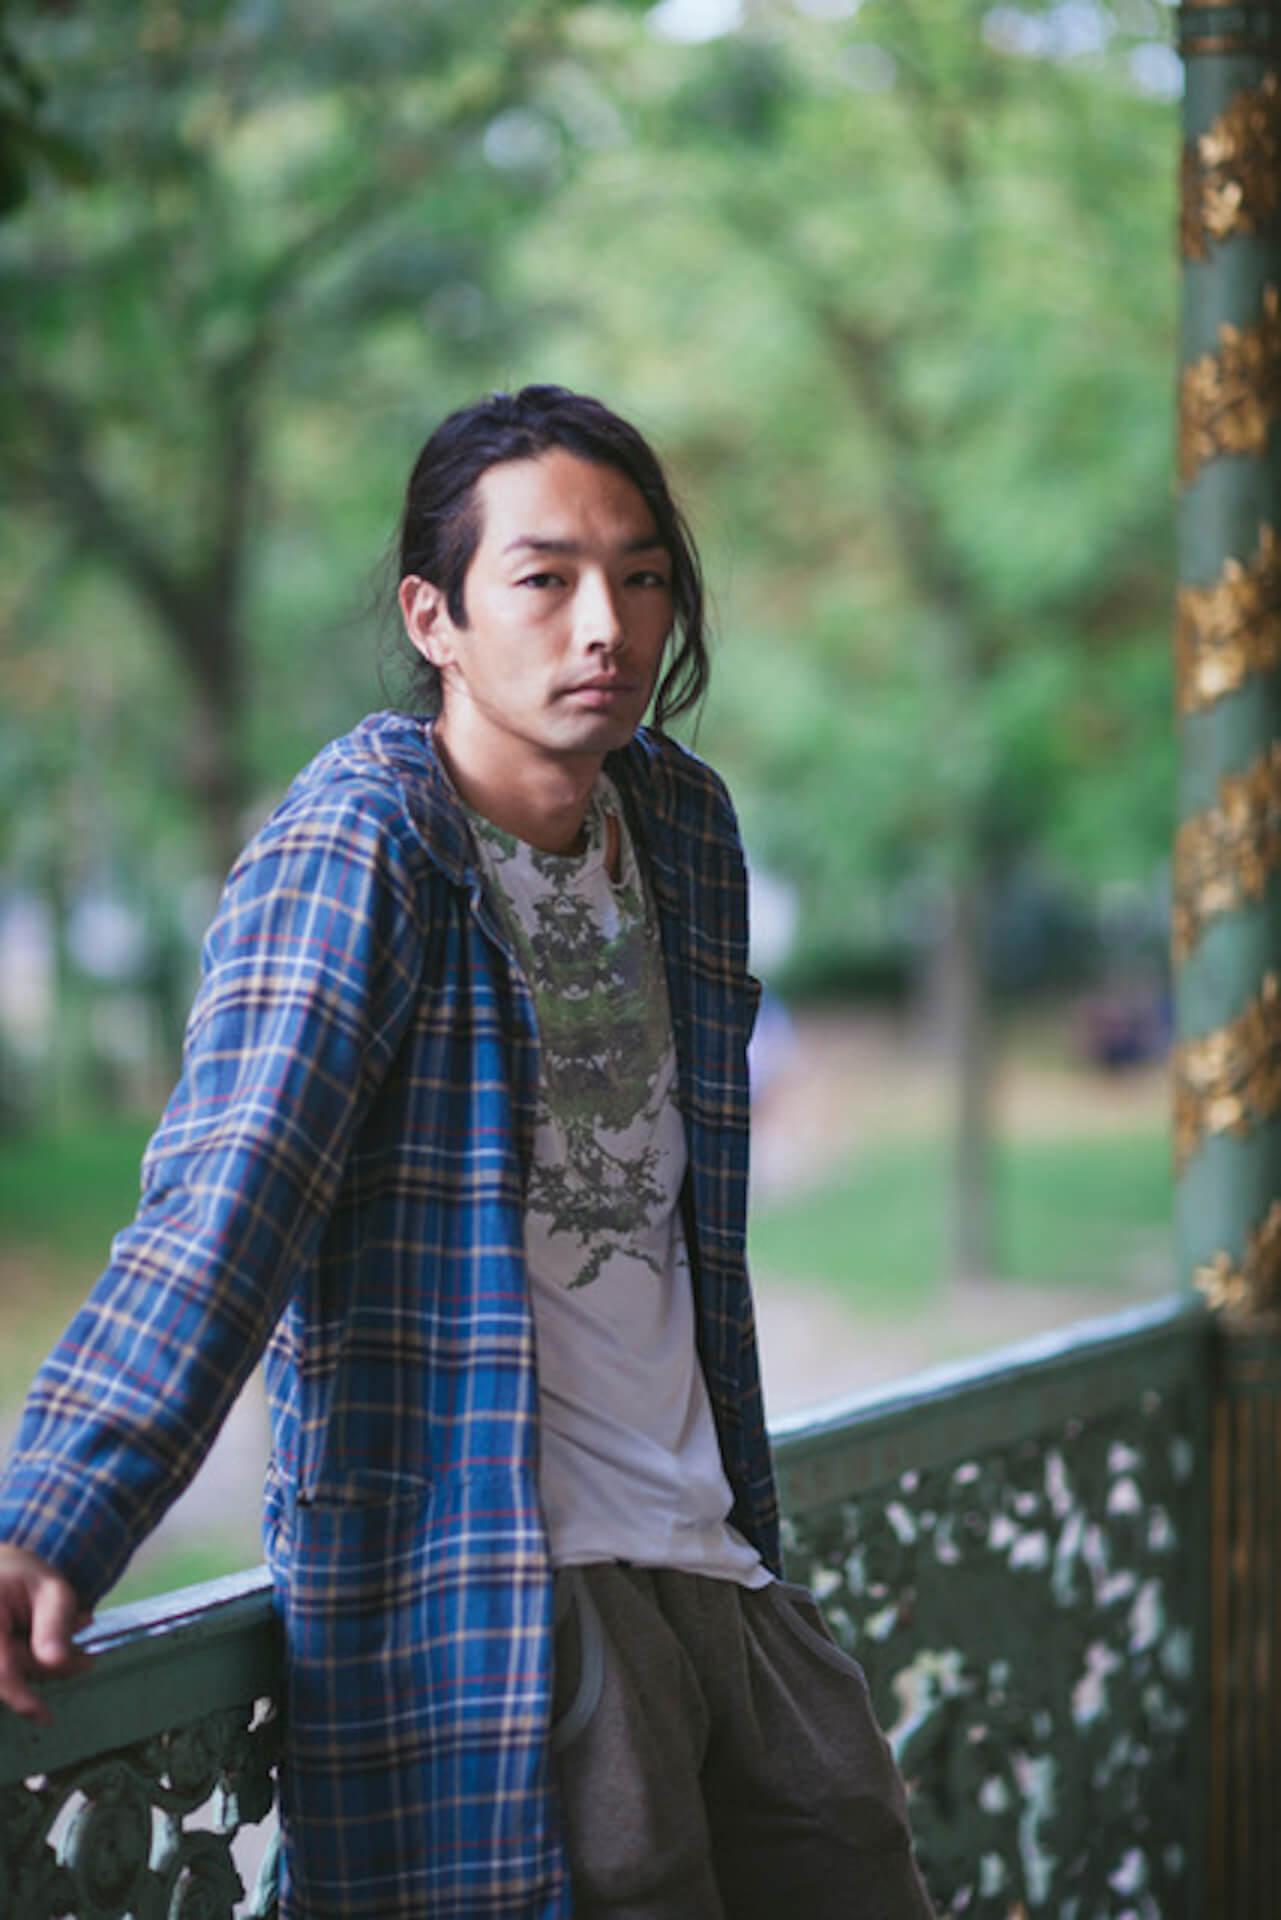 GEZANマヒト監督×森山未來主演『i ai』のキャストオーディションが実施決定!マヒトからのメッセージも film210721_i_ai_6